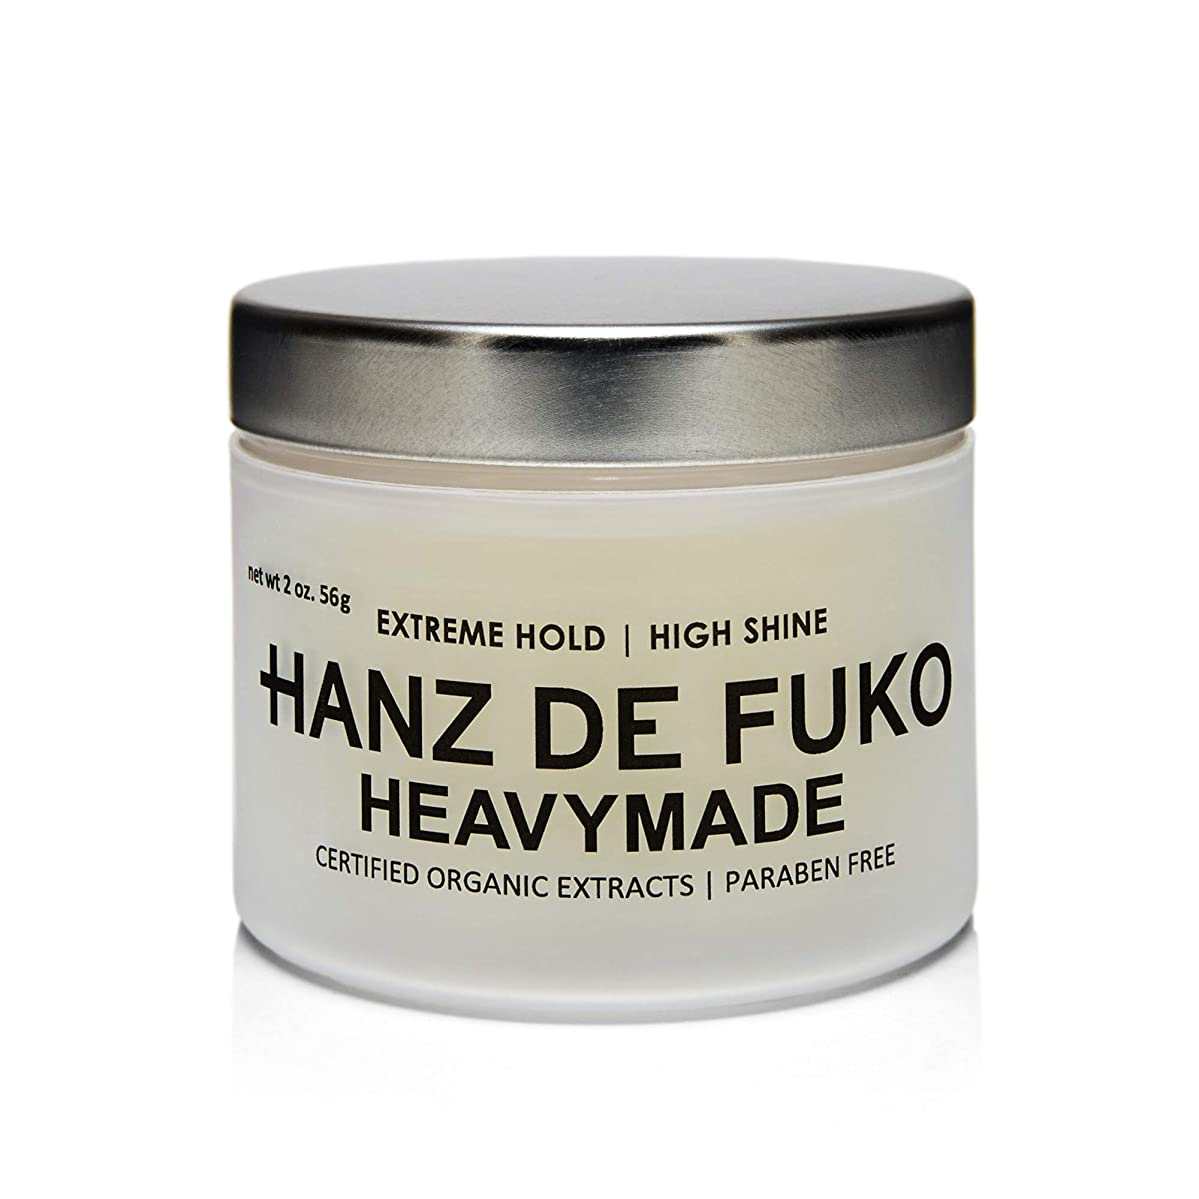 礼拝私の貫通Hanz de FukoプレミアムメンズヘアスタイリングHeavymade Pomade:ミディアムシャイン仕上げの高性能ヘアスタイリングペースト56g